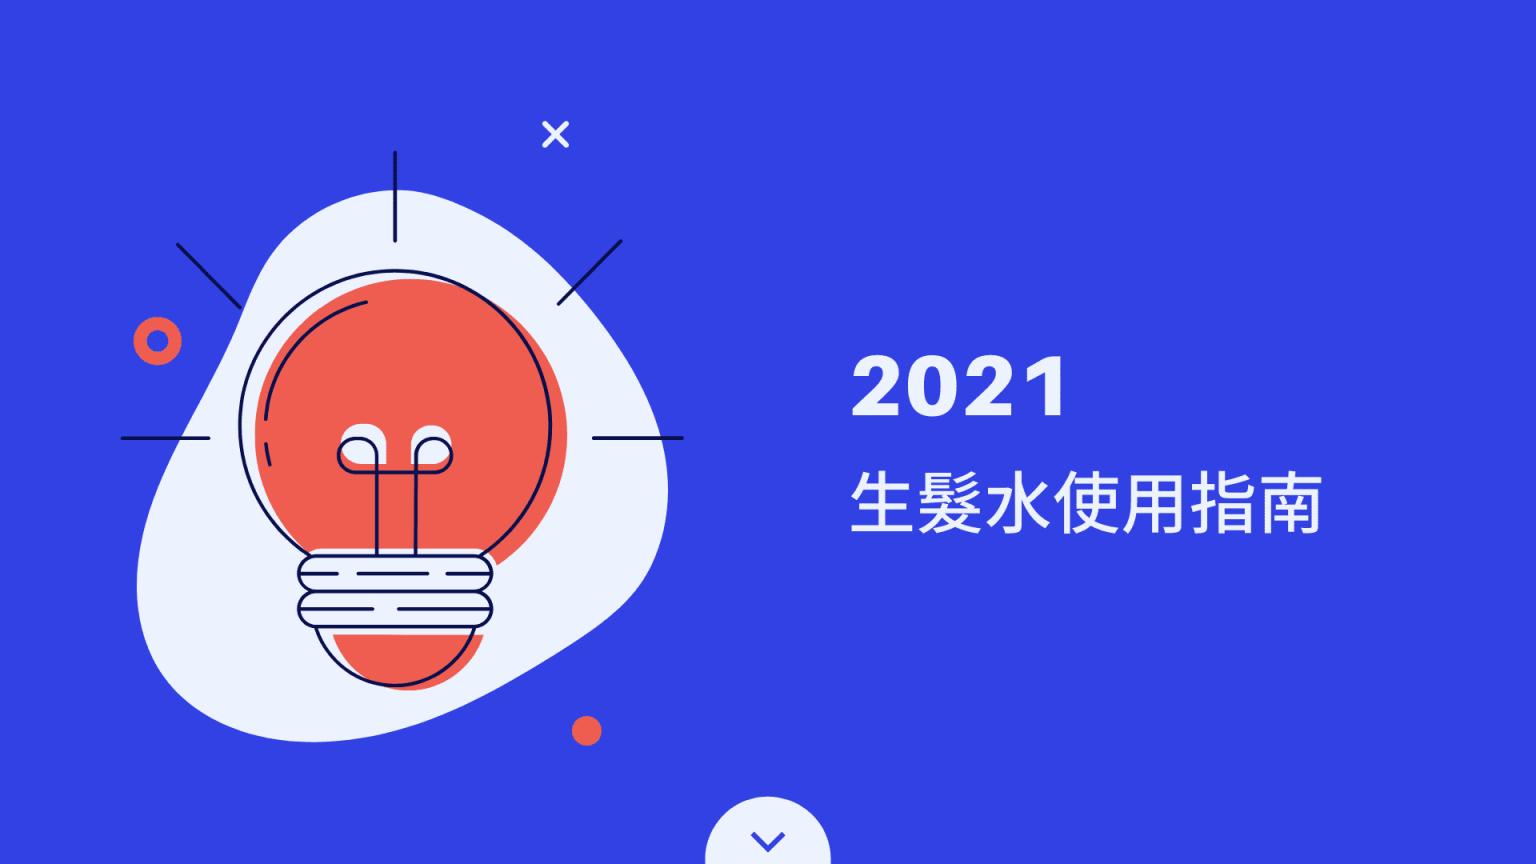 2021 生髮水使用指南